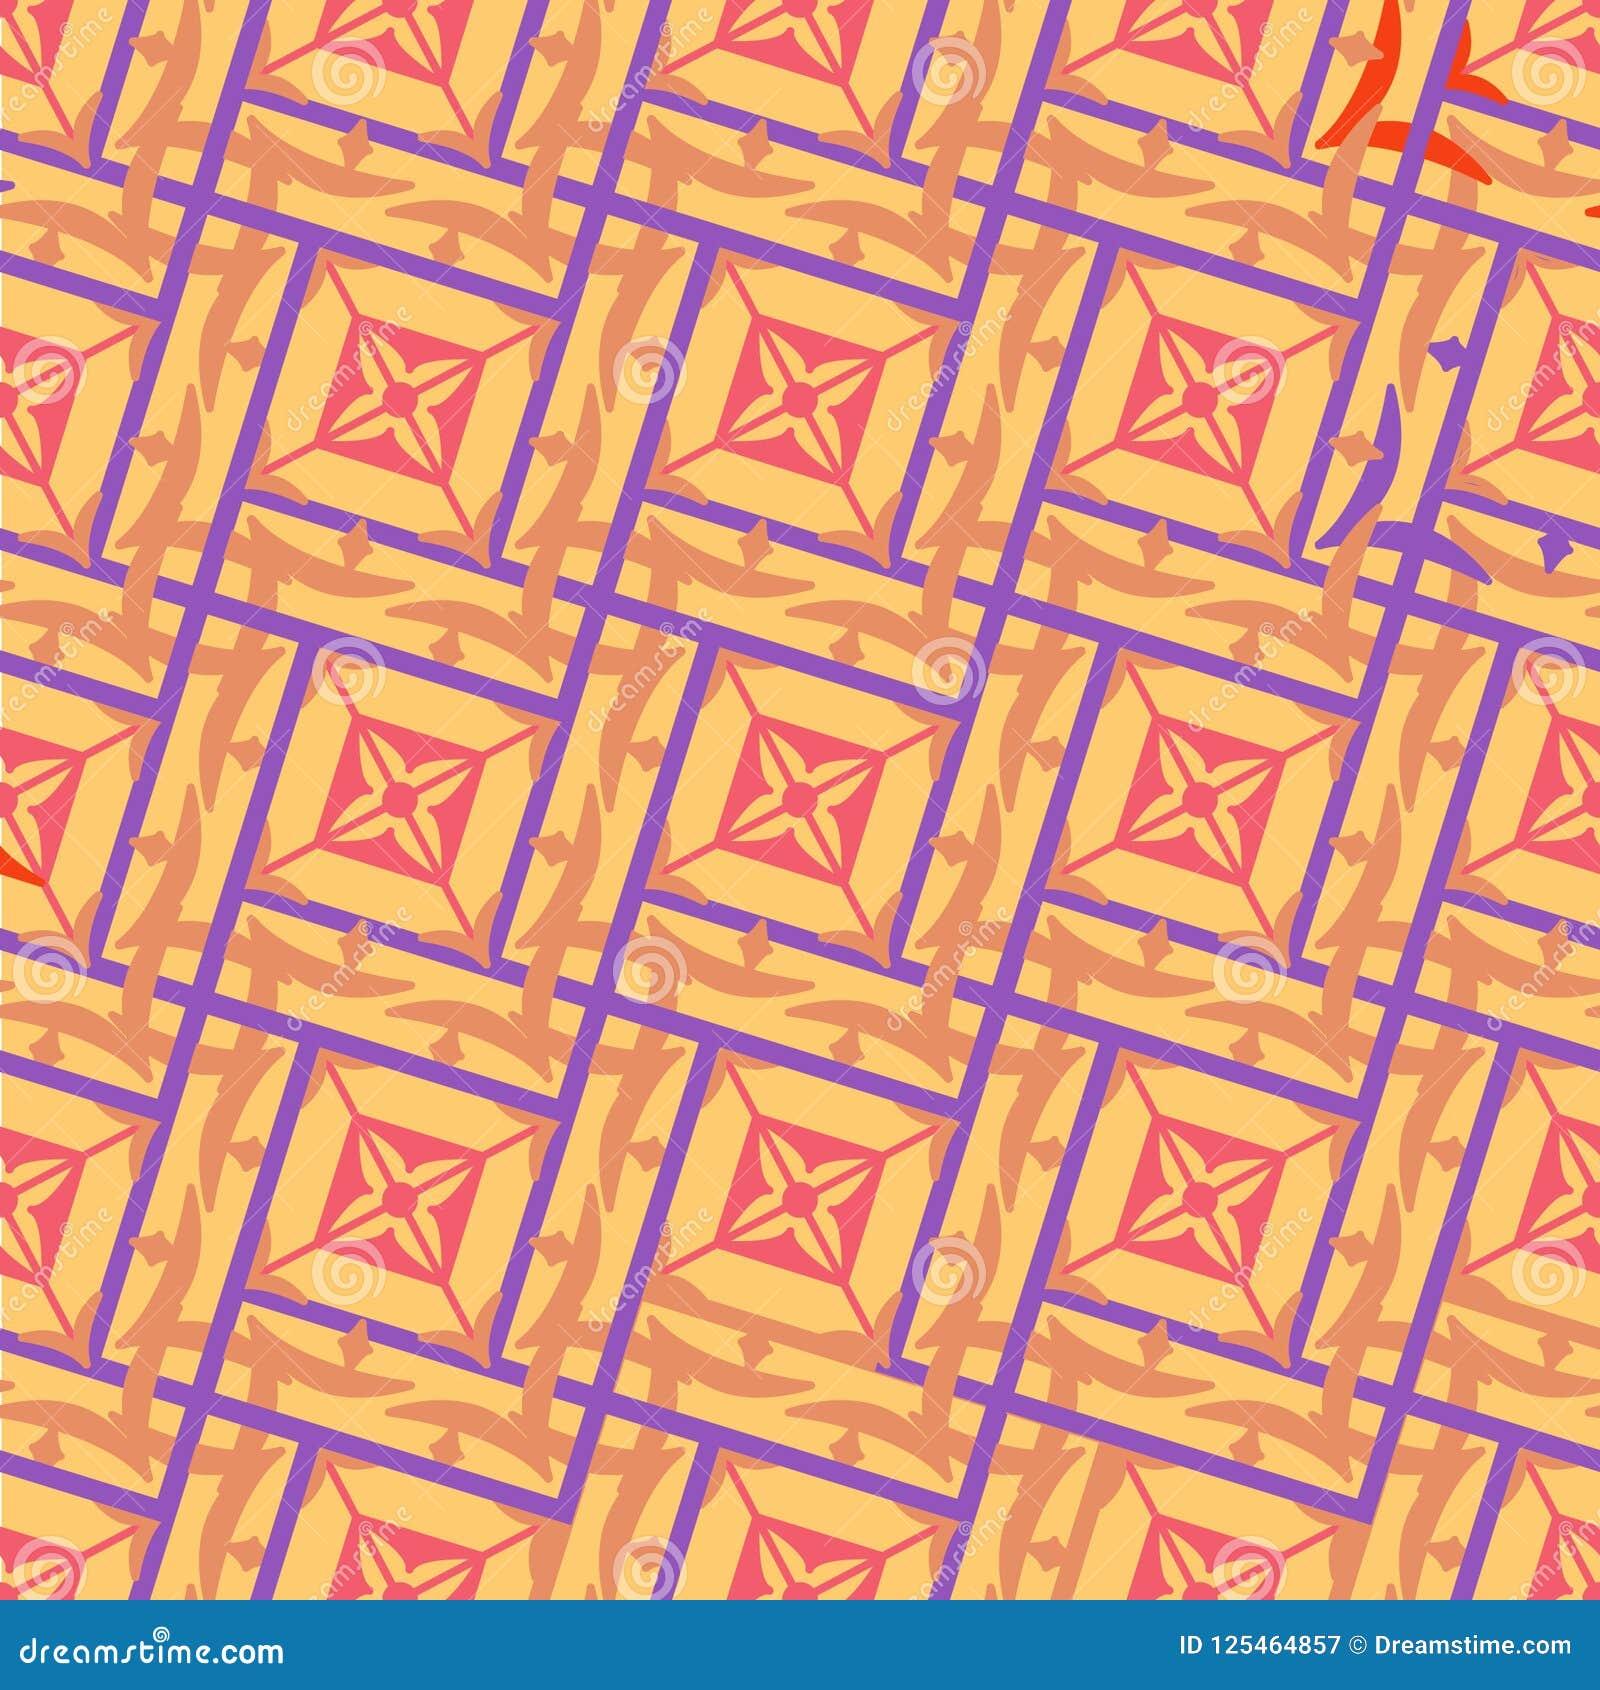 Безшовная геометрическая картина блокировать придает квадратную форму в беже с фиолетовым планом